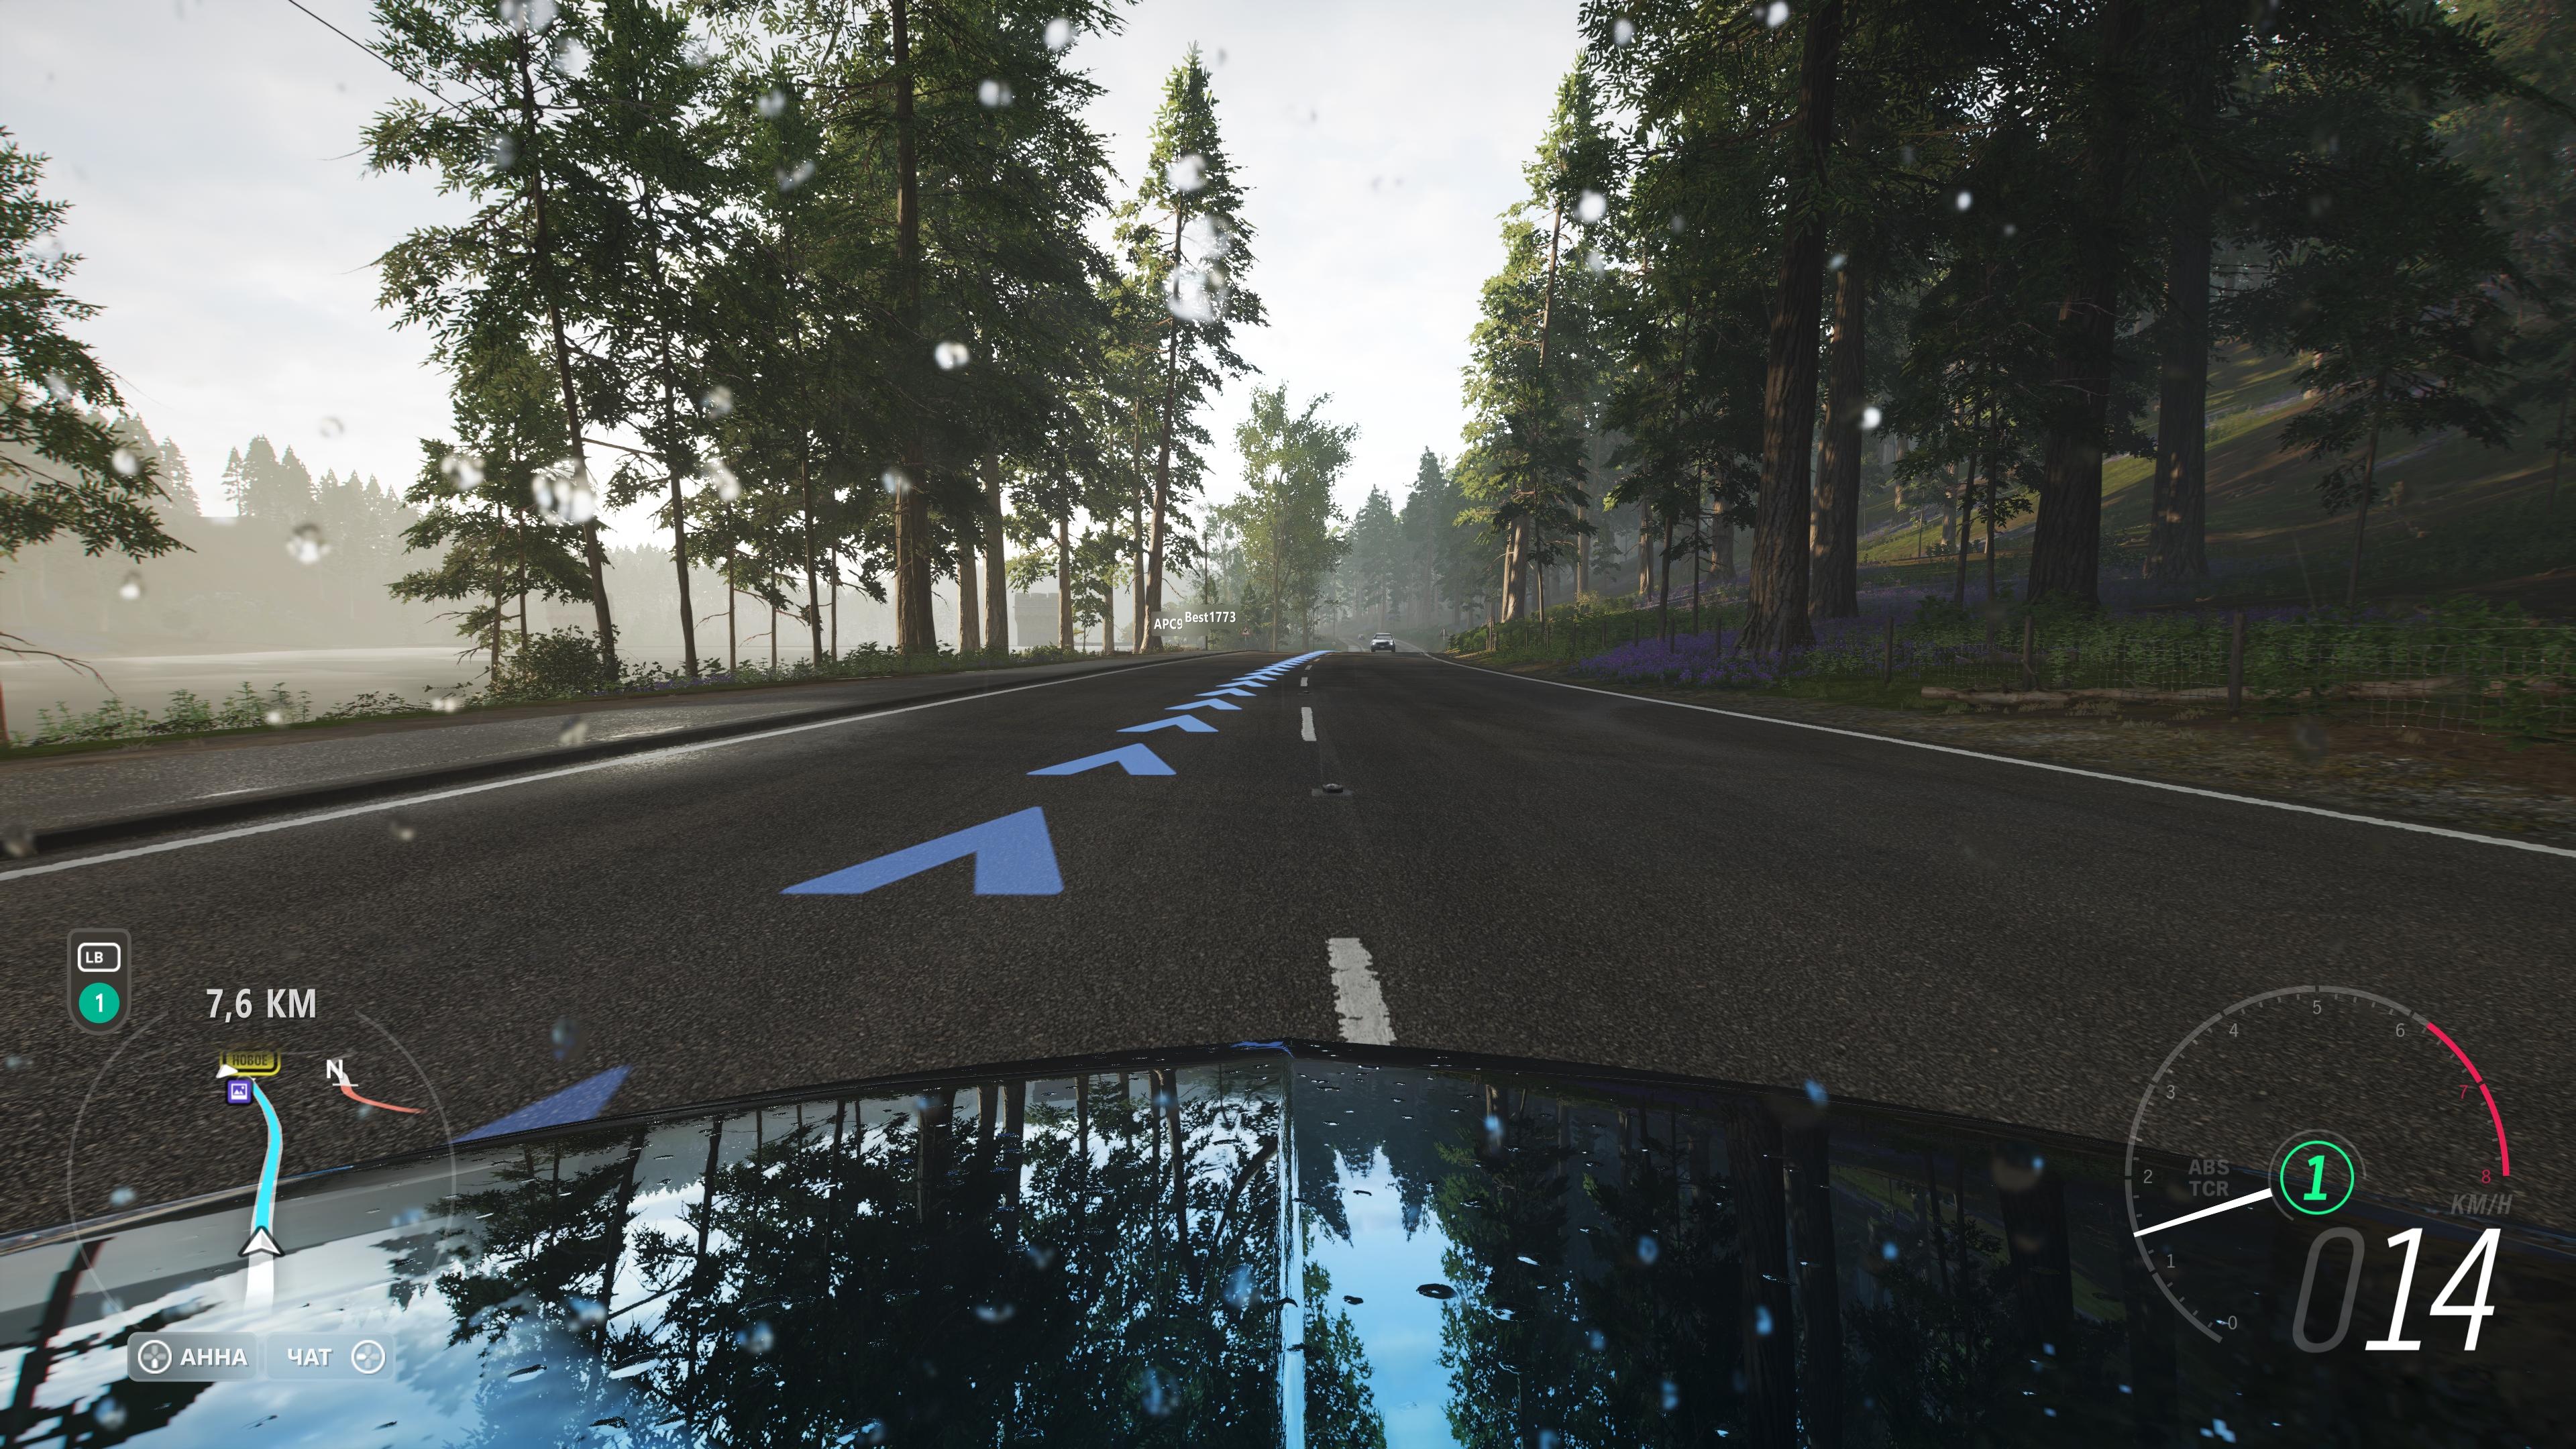 Forza Horizon 4 скриншот в 4k Nvidia GeForce RTX 2080 - Forza Horizon 4